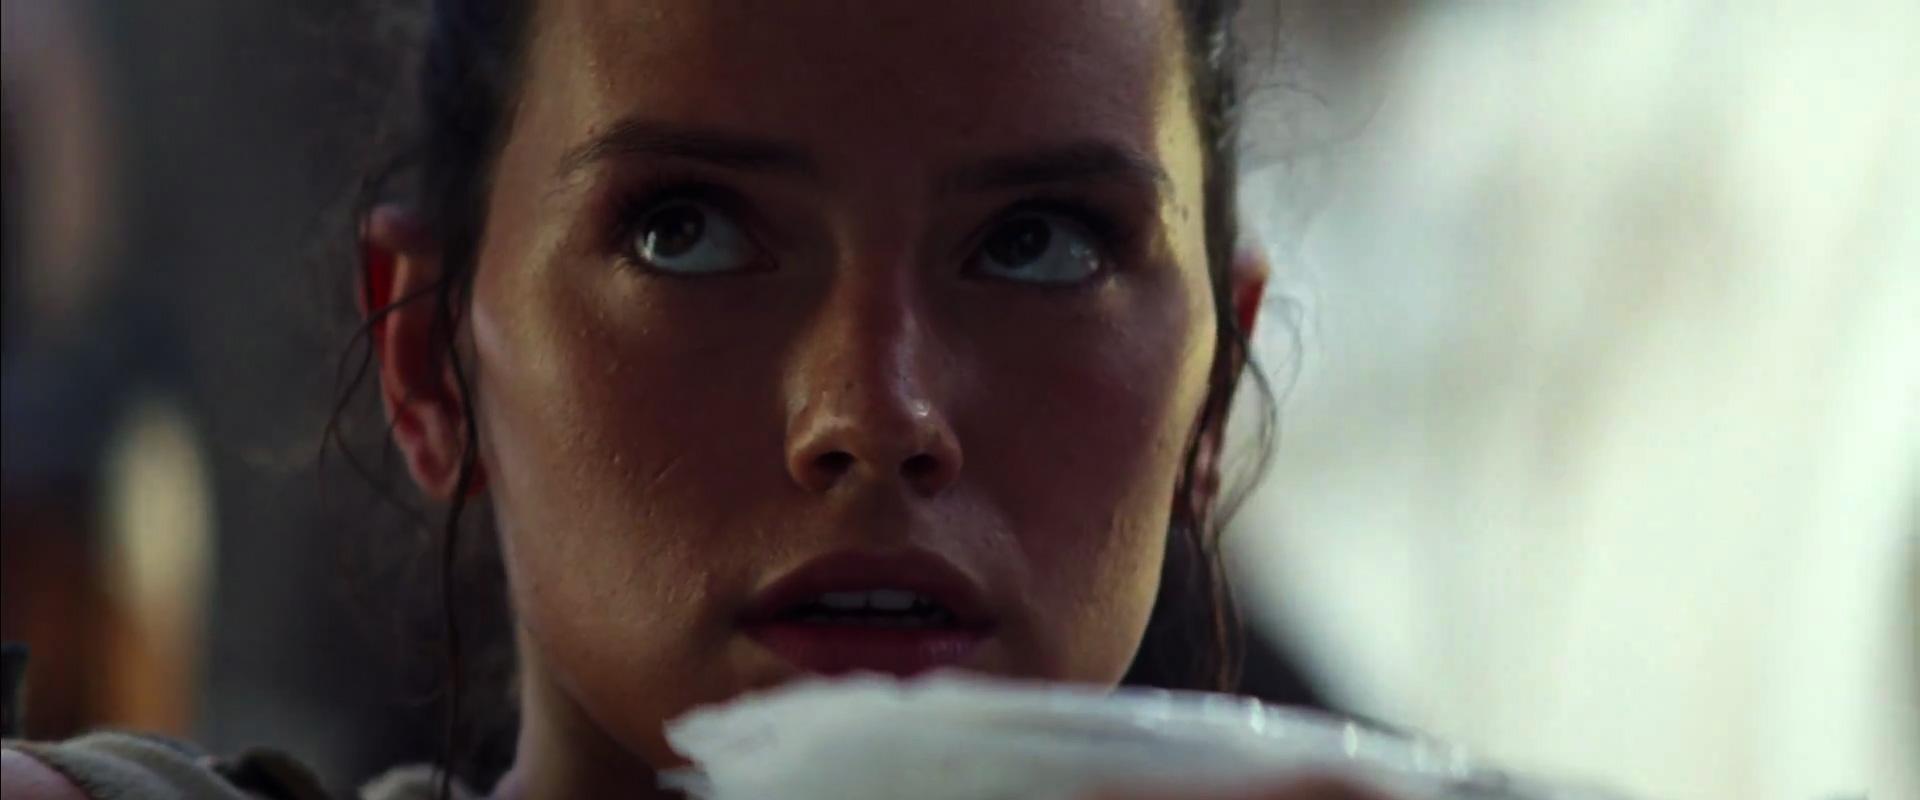 Rey shoots apensive look